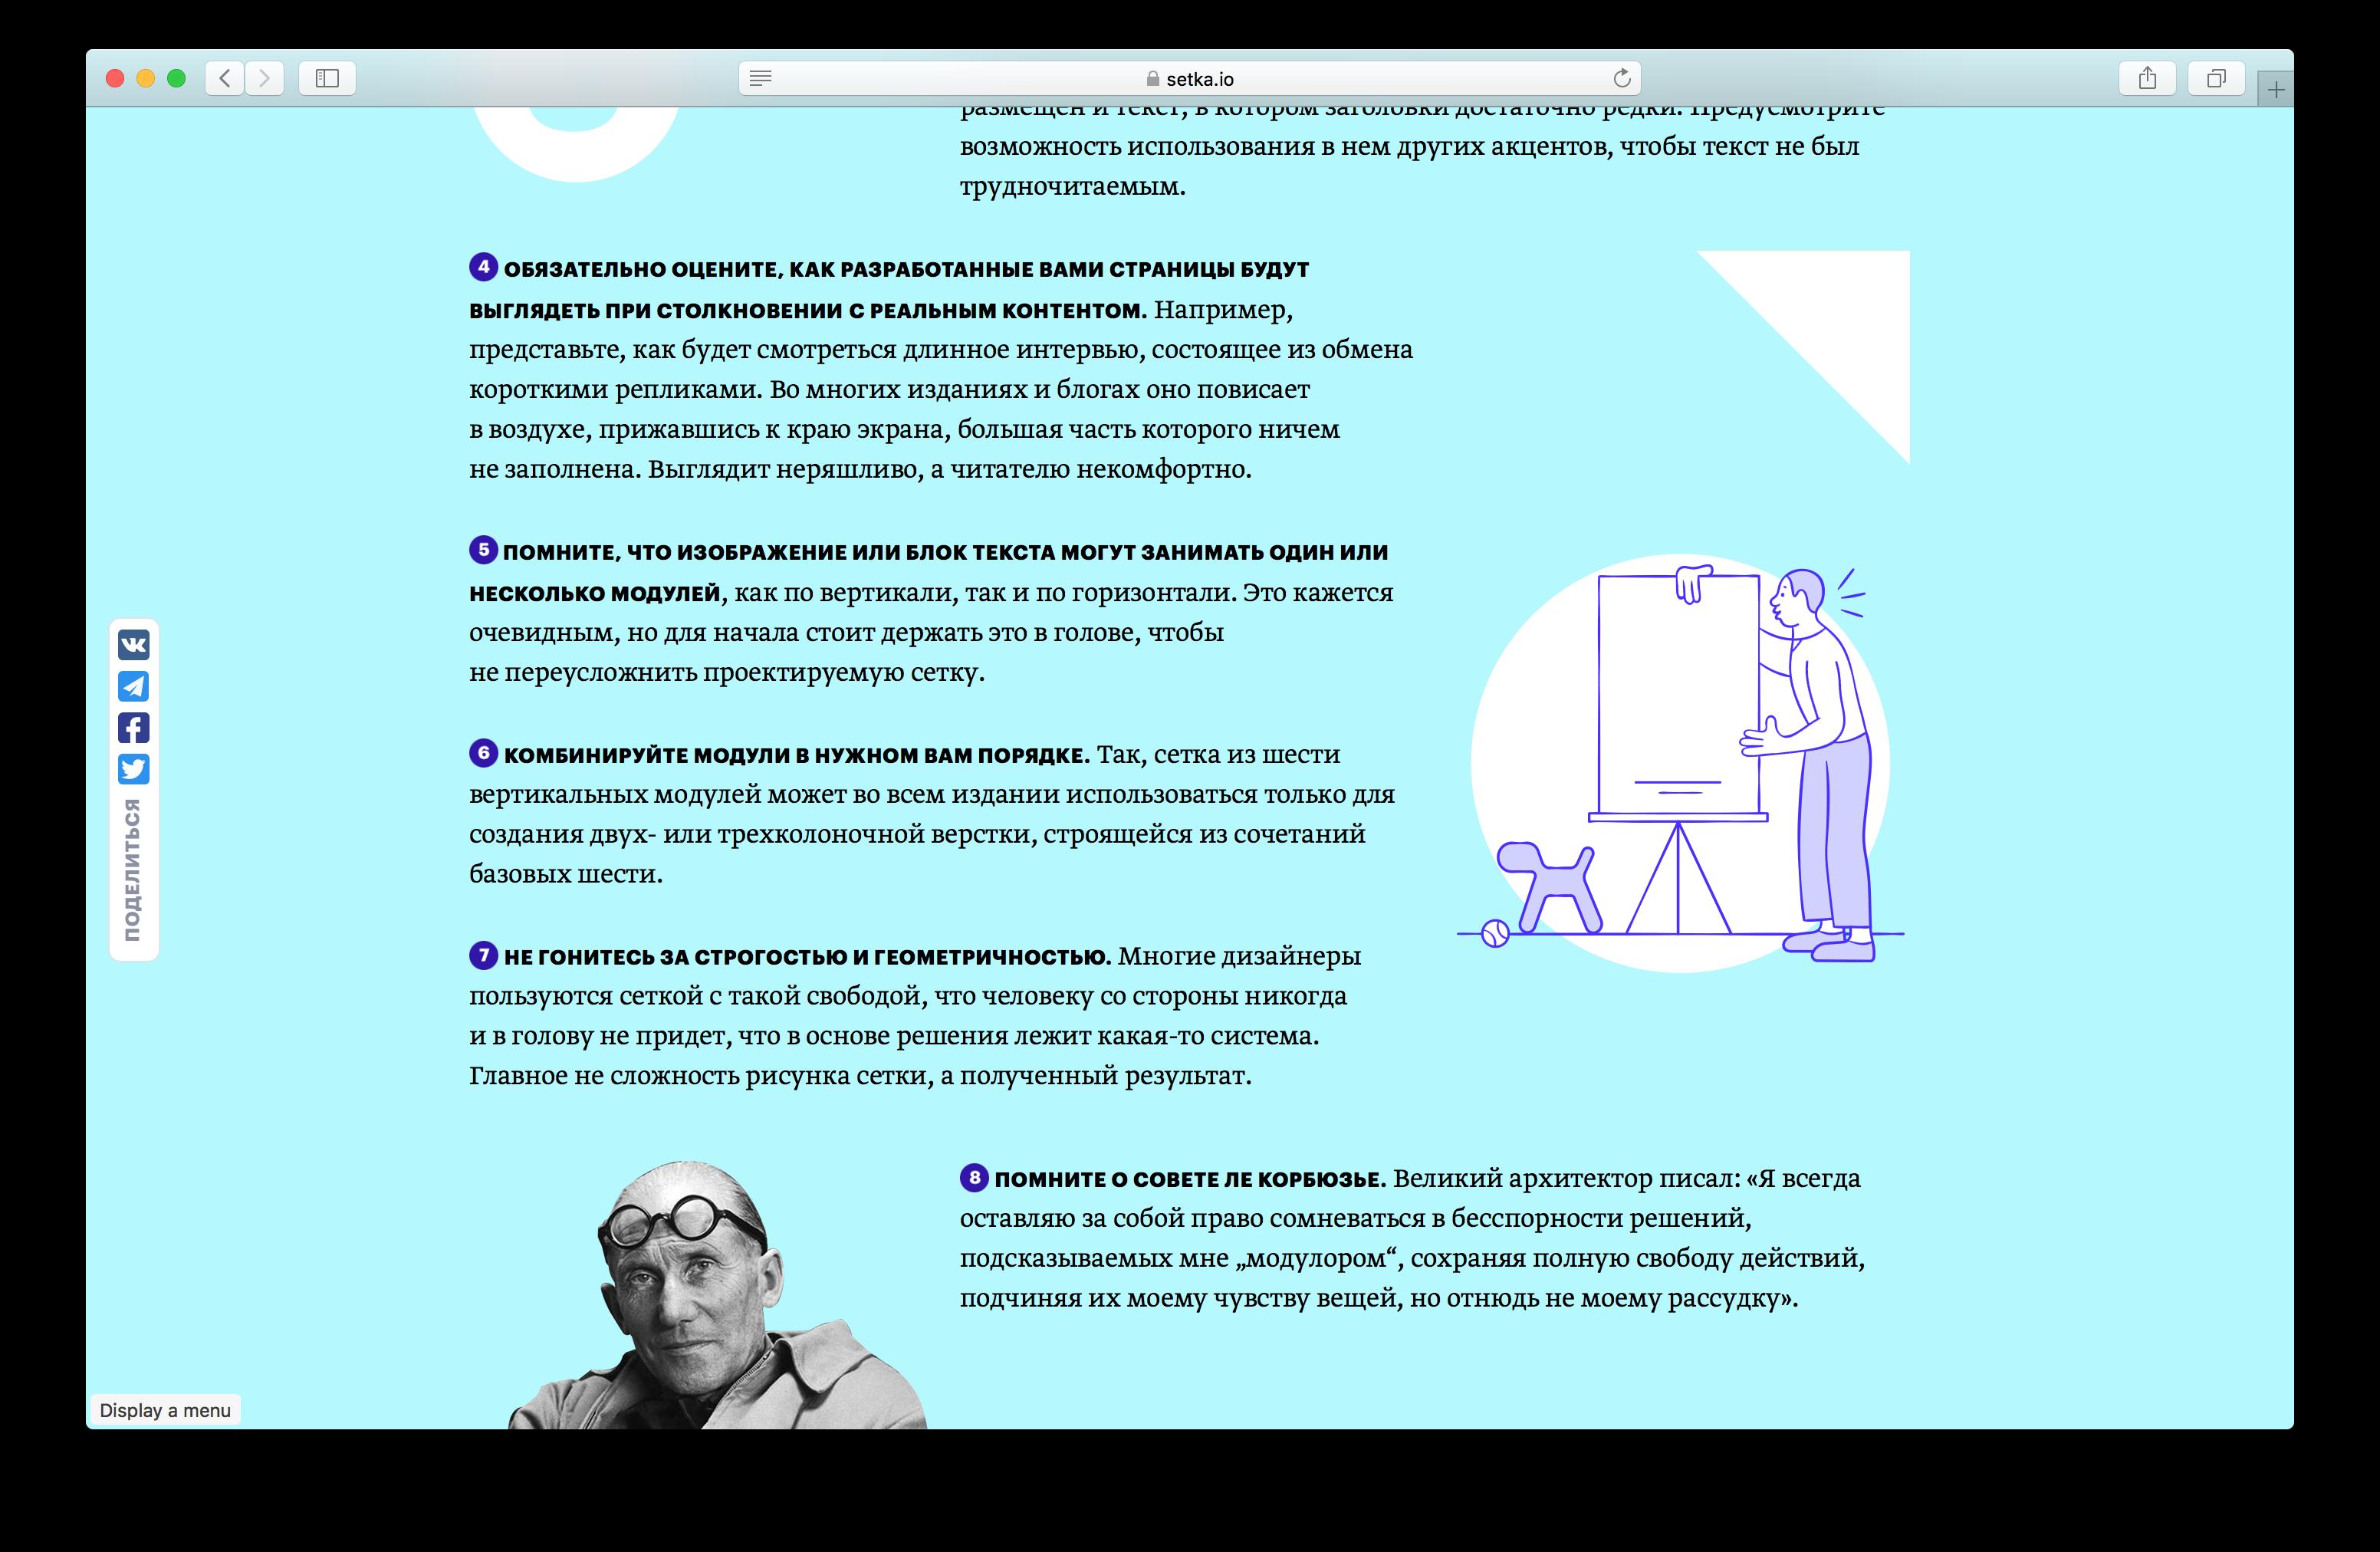 Разработка Rich Text Editor: проблемы и решения - 3